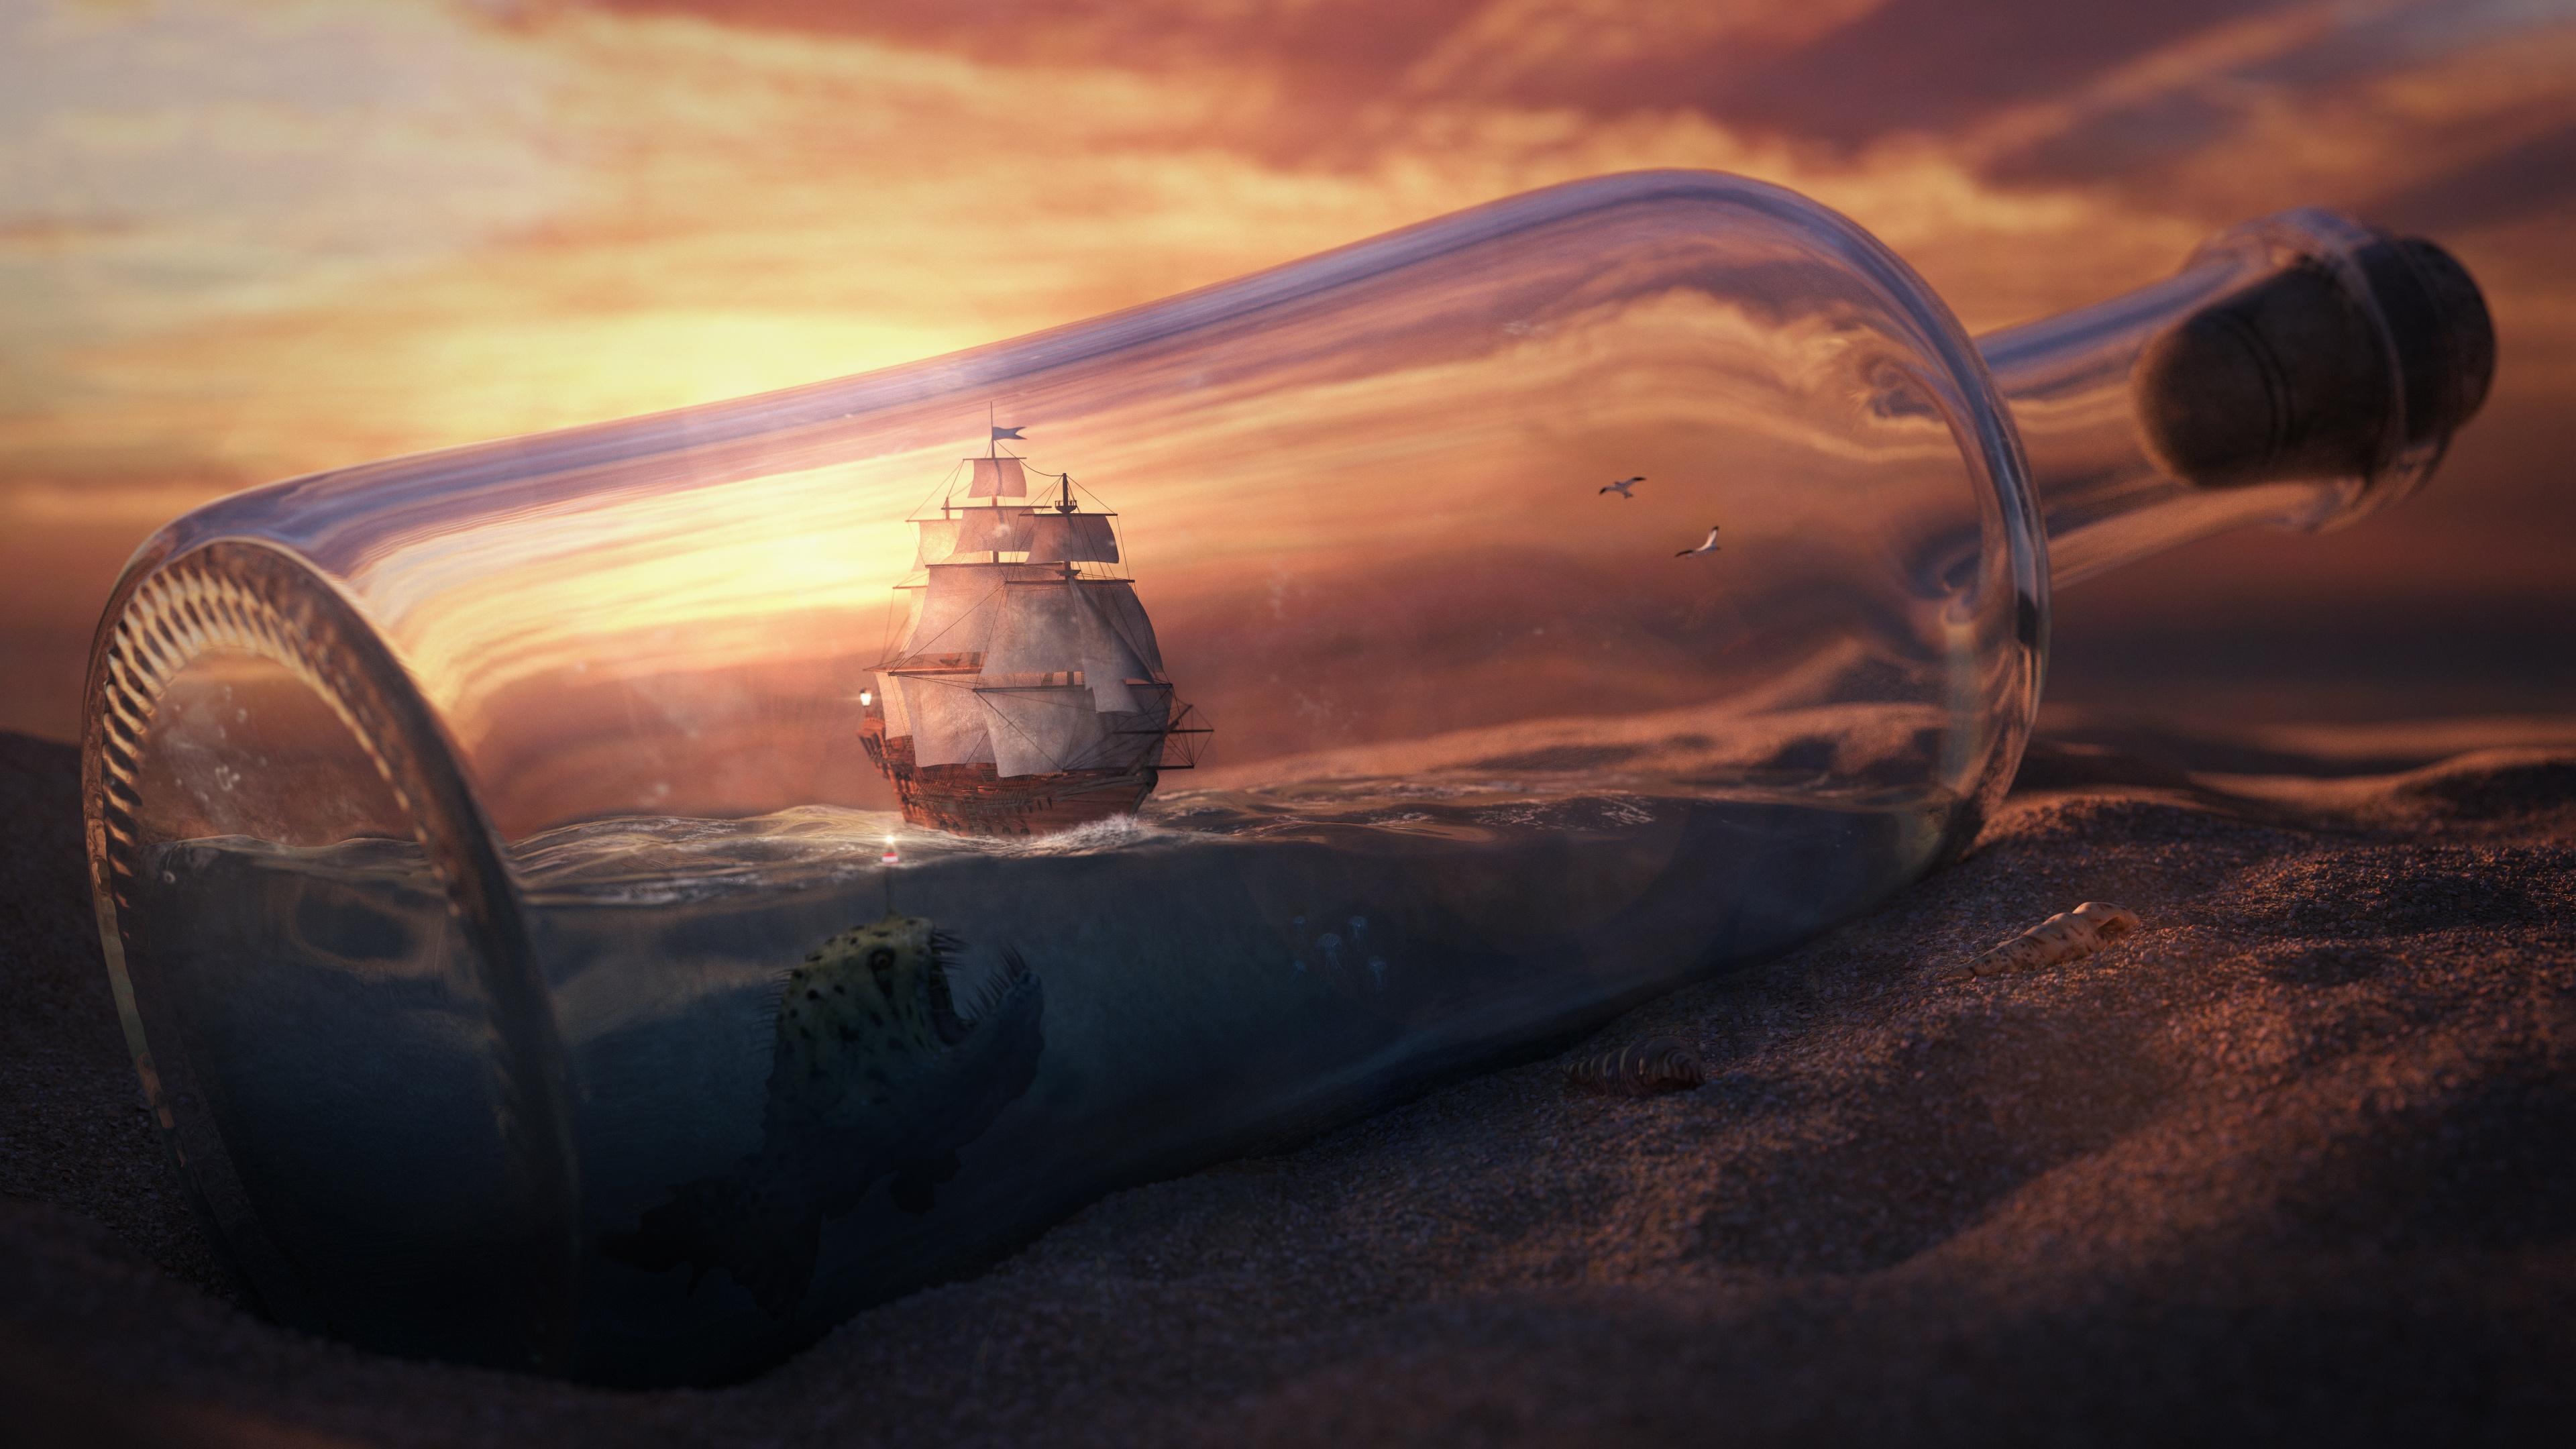 море в бутылке подборки